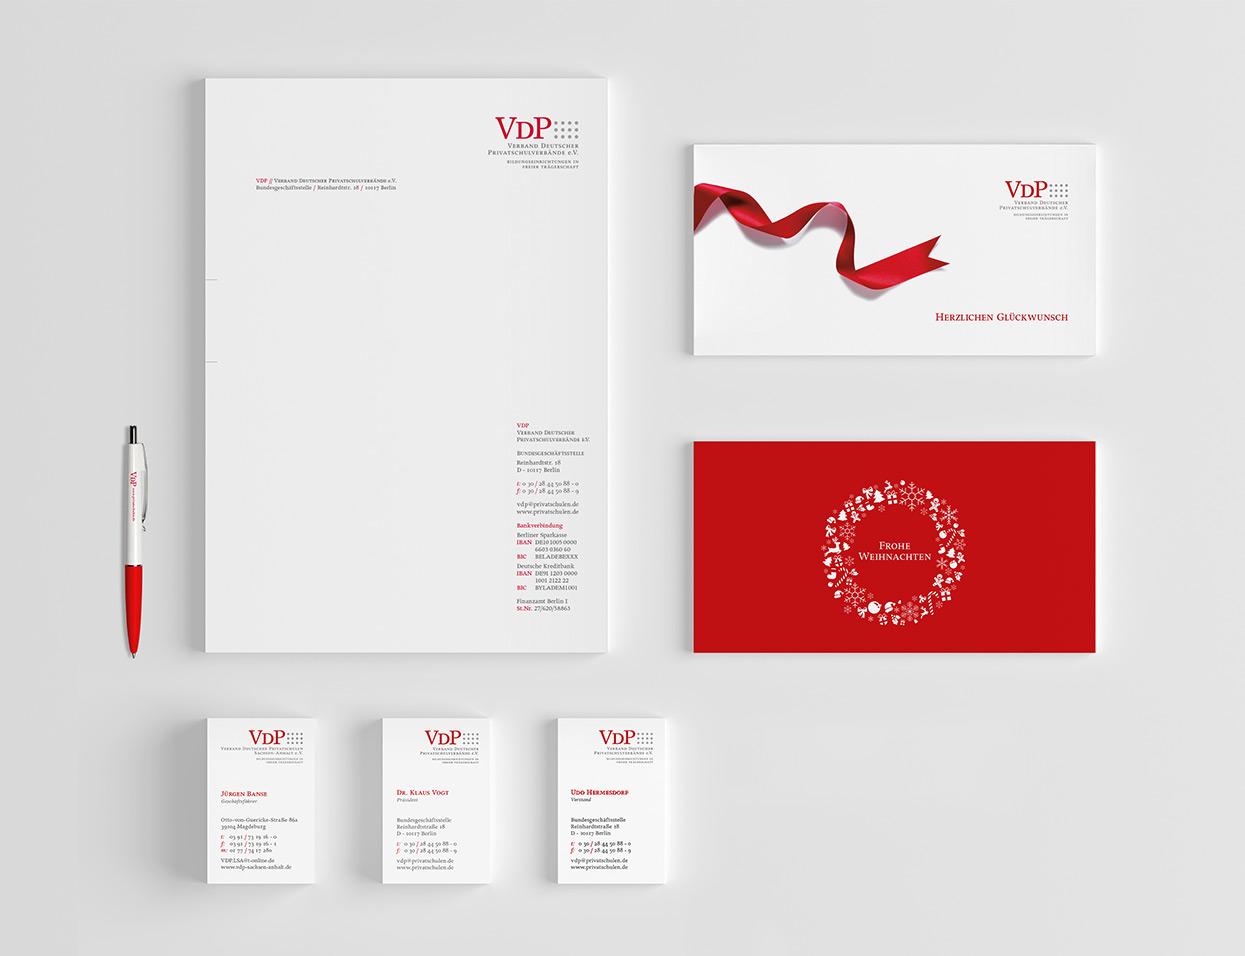 Verband Deutscher Privatschulverbände e.V. Geschäftsausstattung, Weihnachtskarte